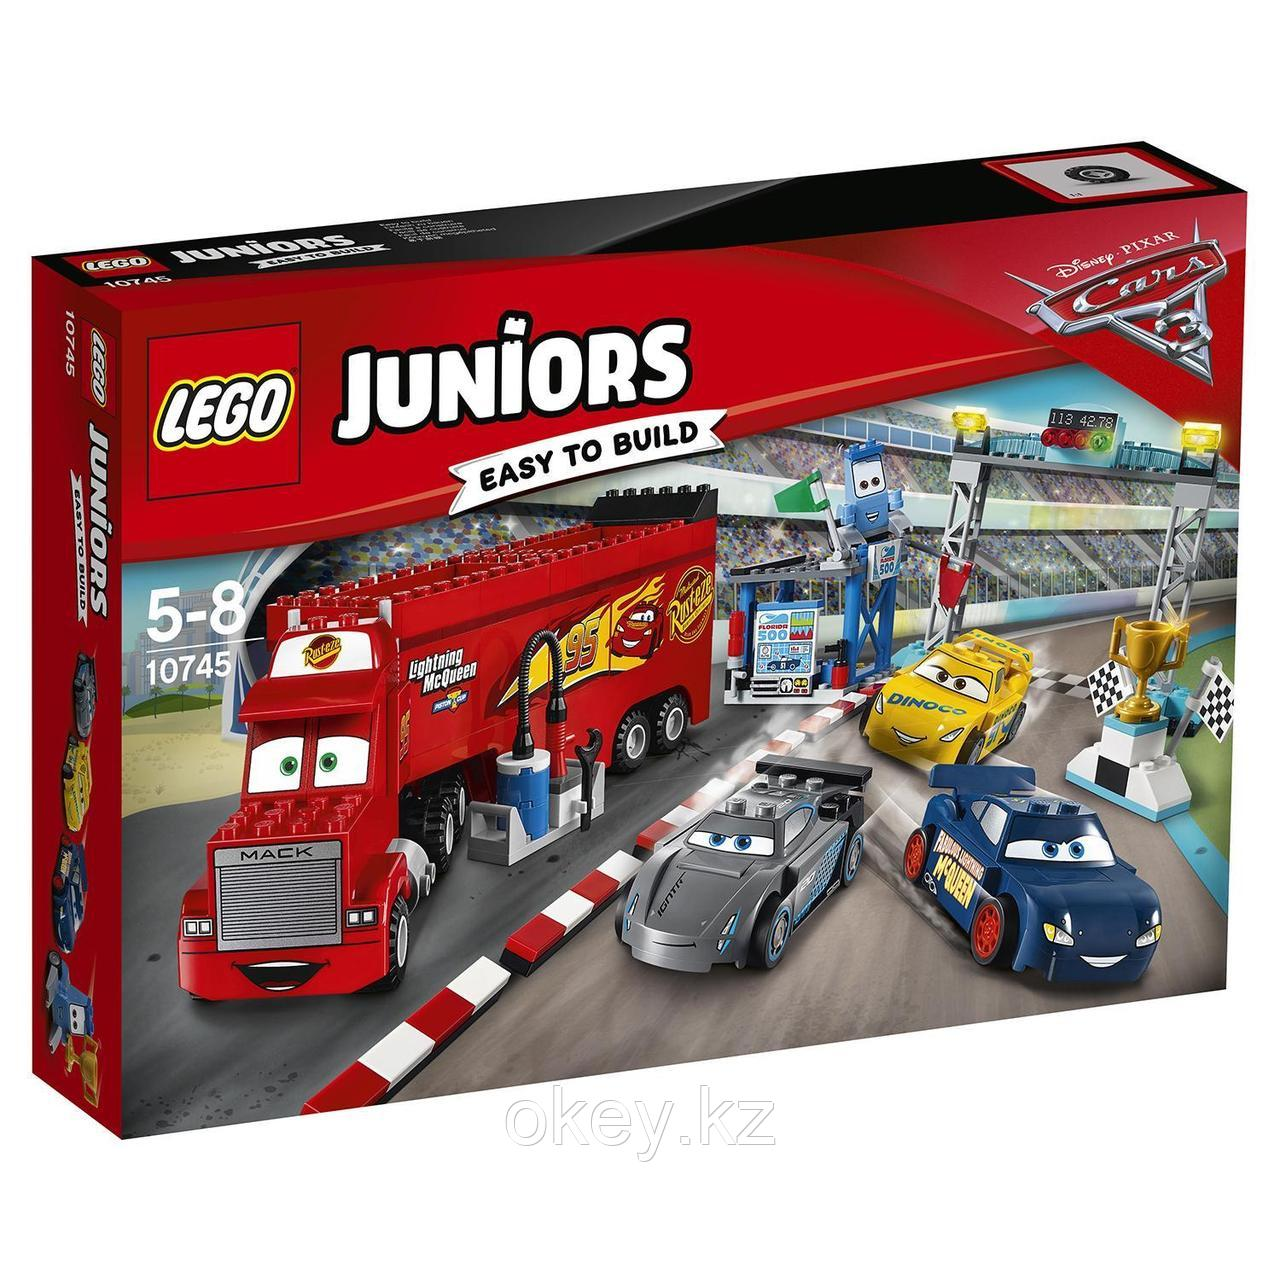 LEGO Juniors: Финальная гонка «Флорида 500» 10745